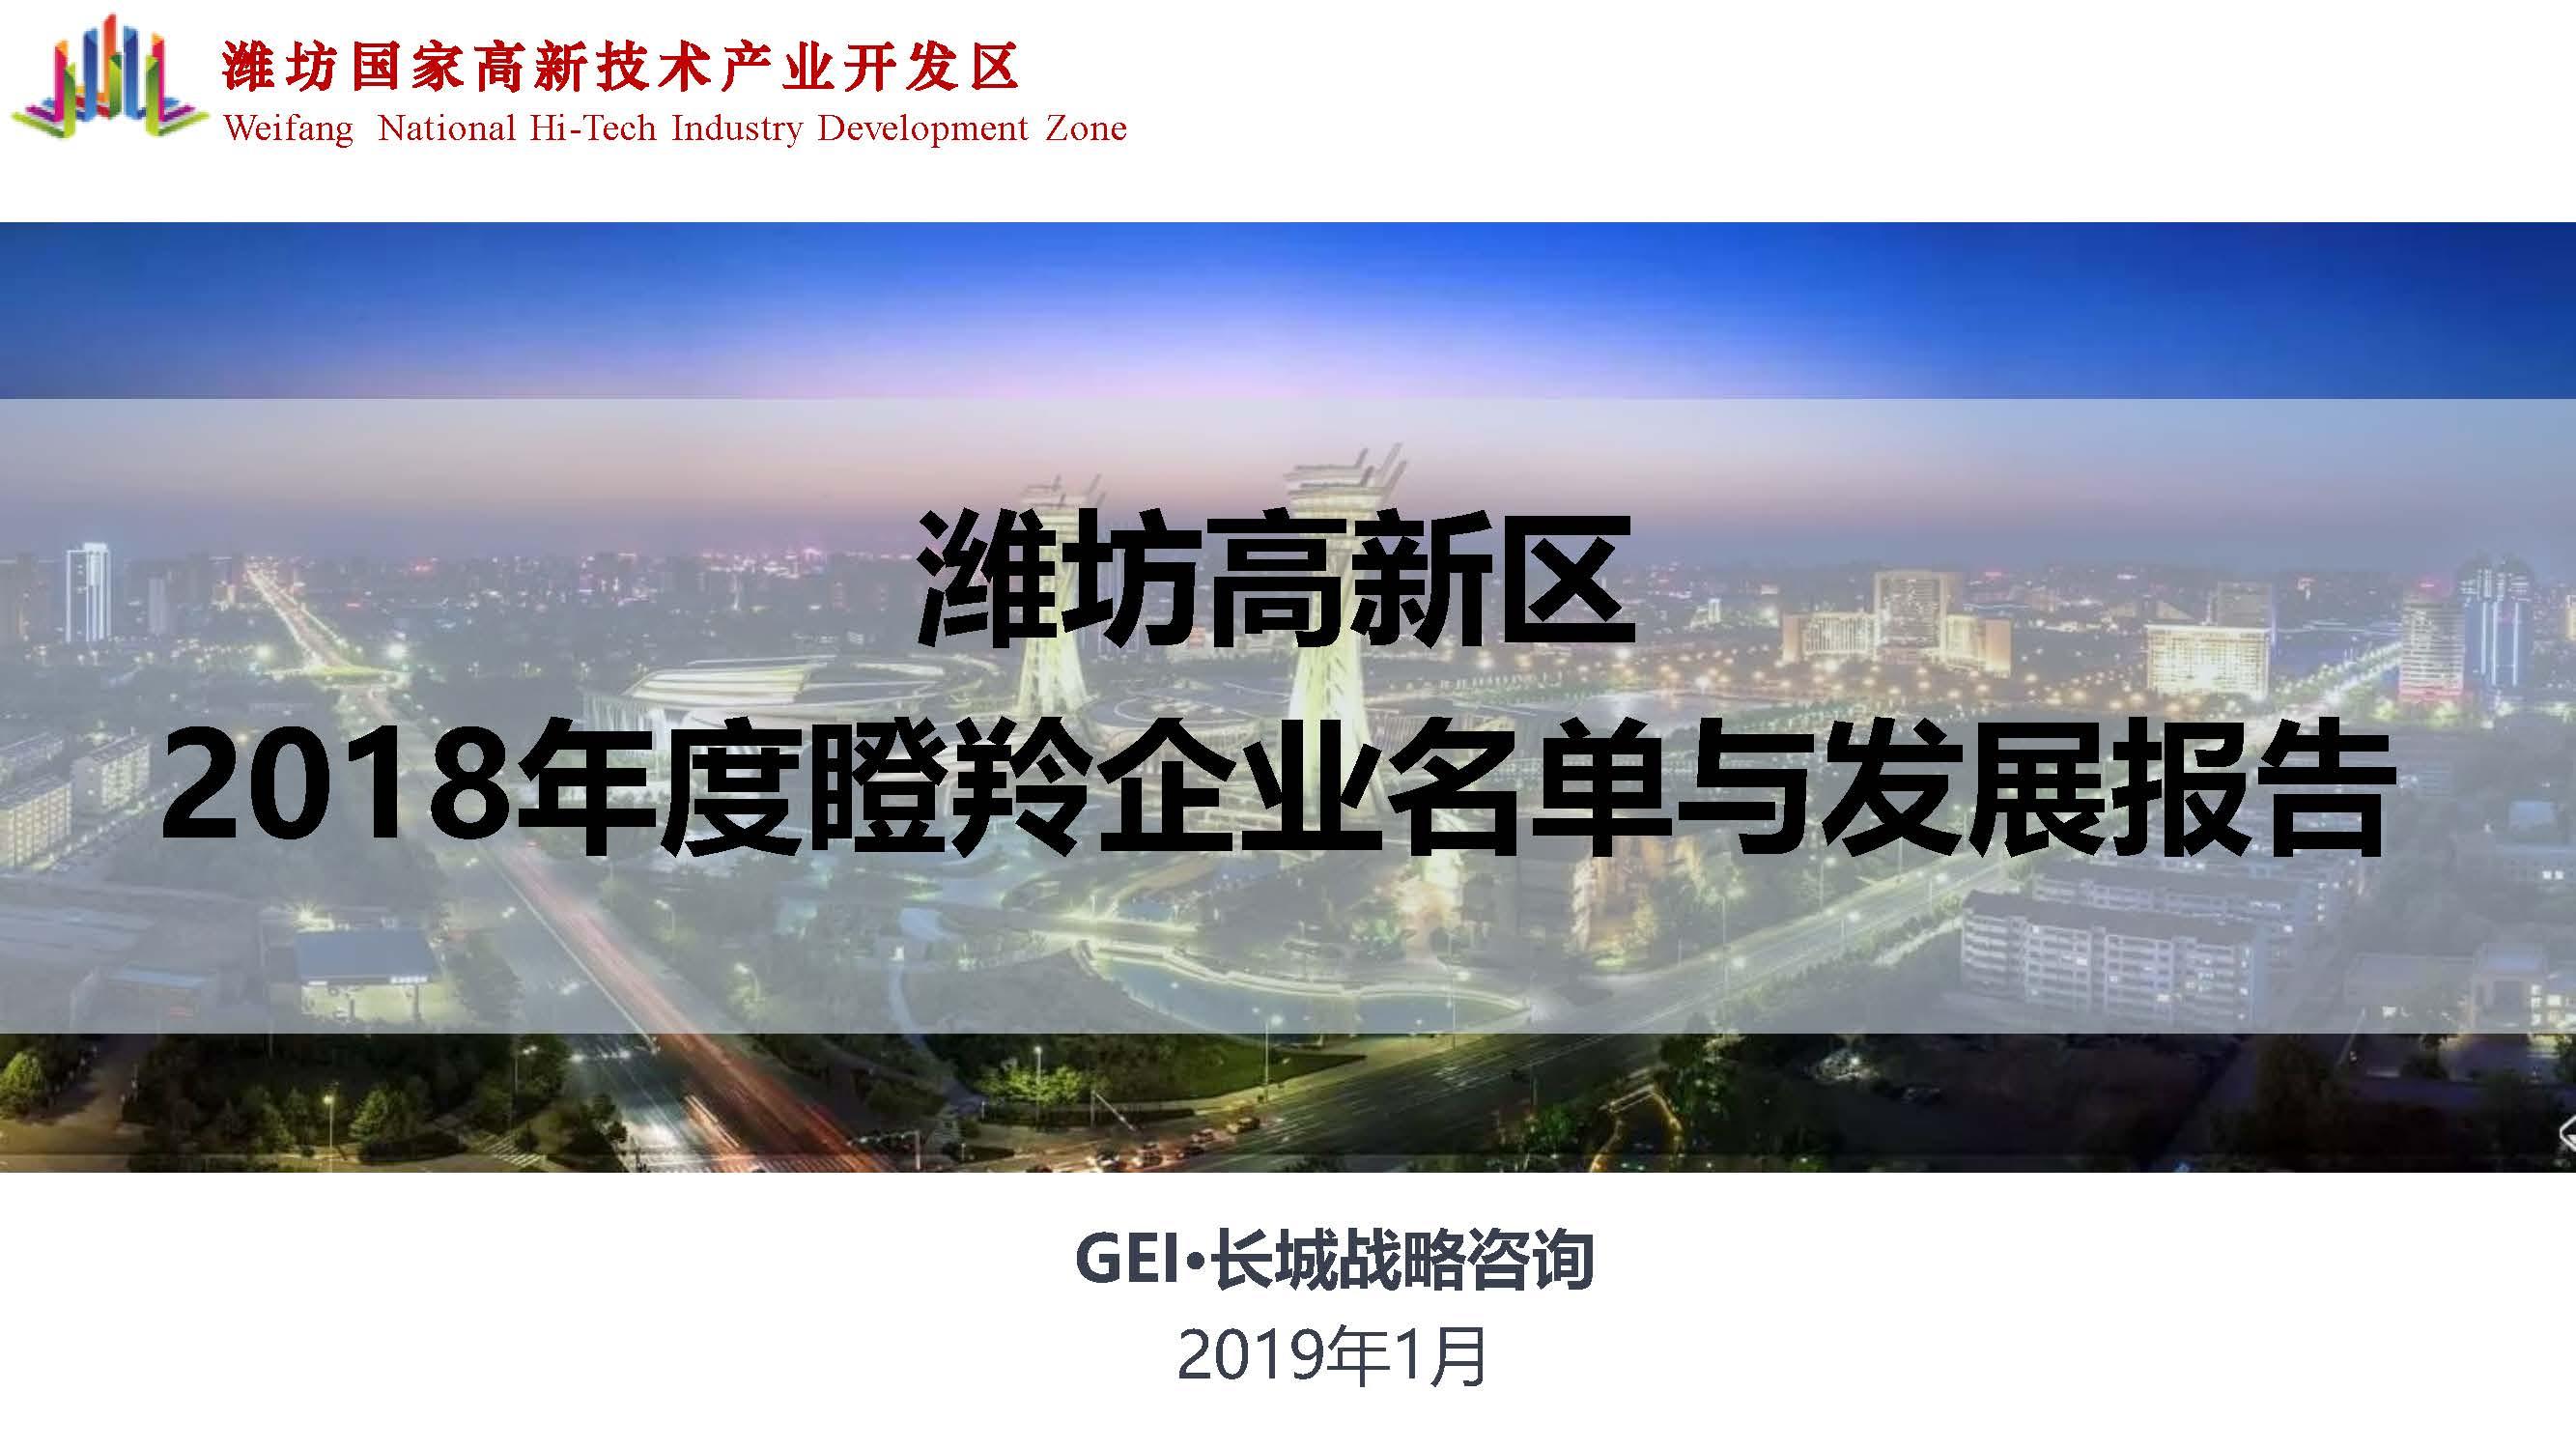 20190122潍坊高新区瞪羚名单与发展报告v1.2_页面_01.jpg